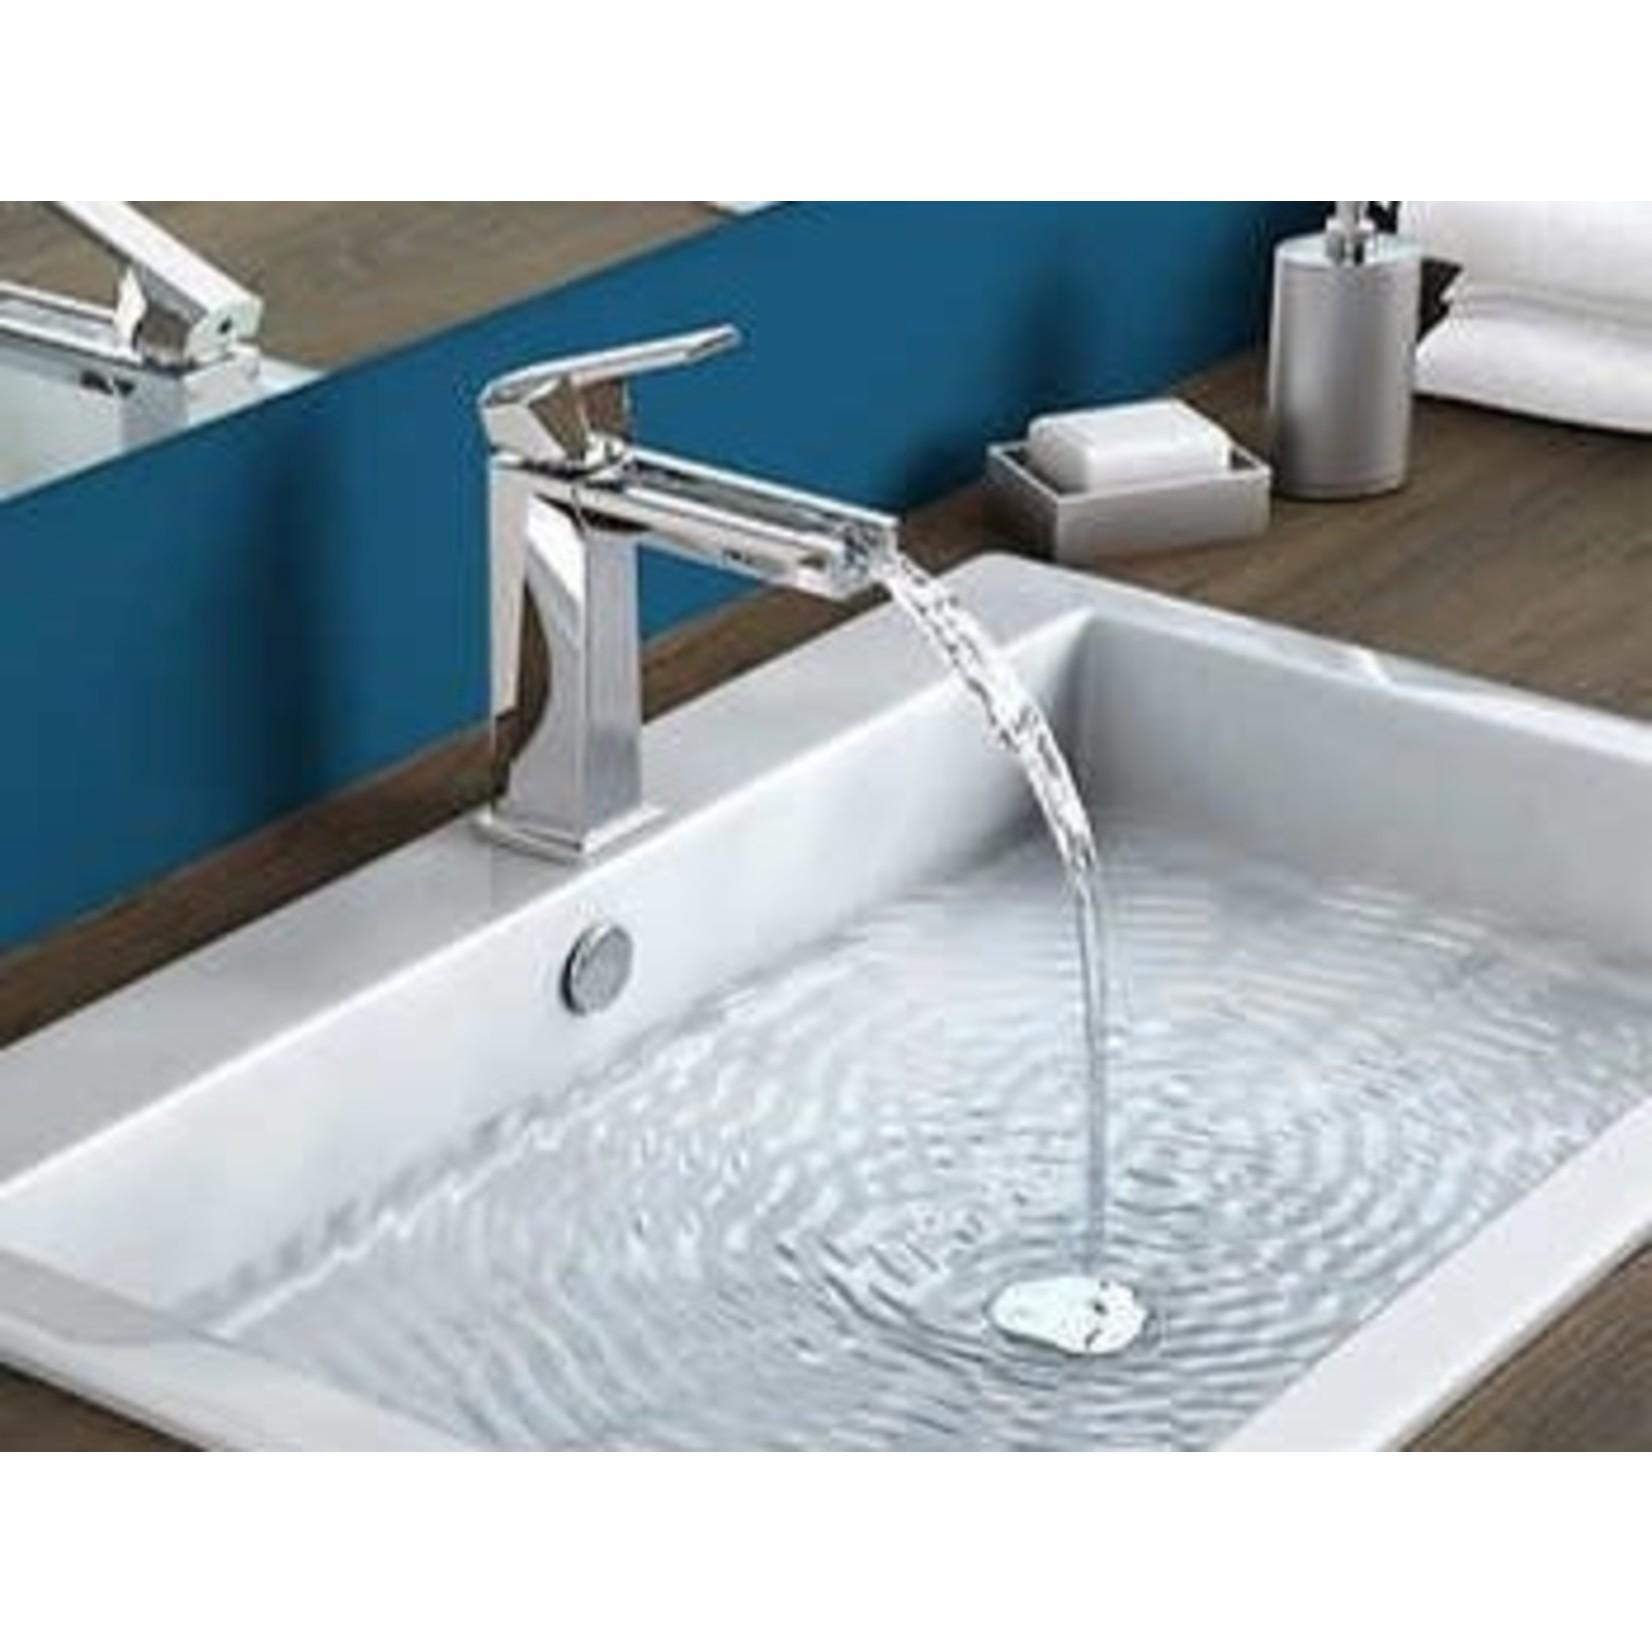 Robinet de lavabo Artika Aquaflow Chrome + Pop-up inclus